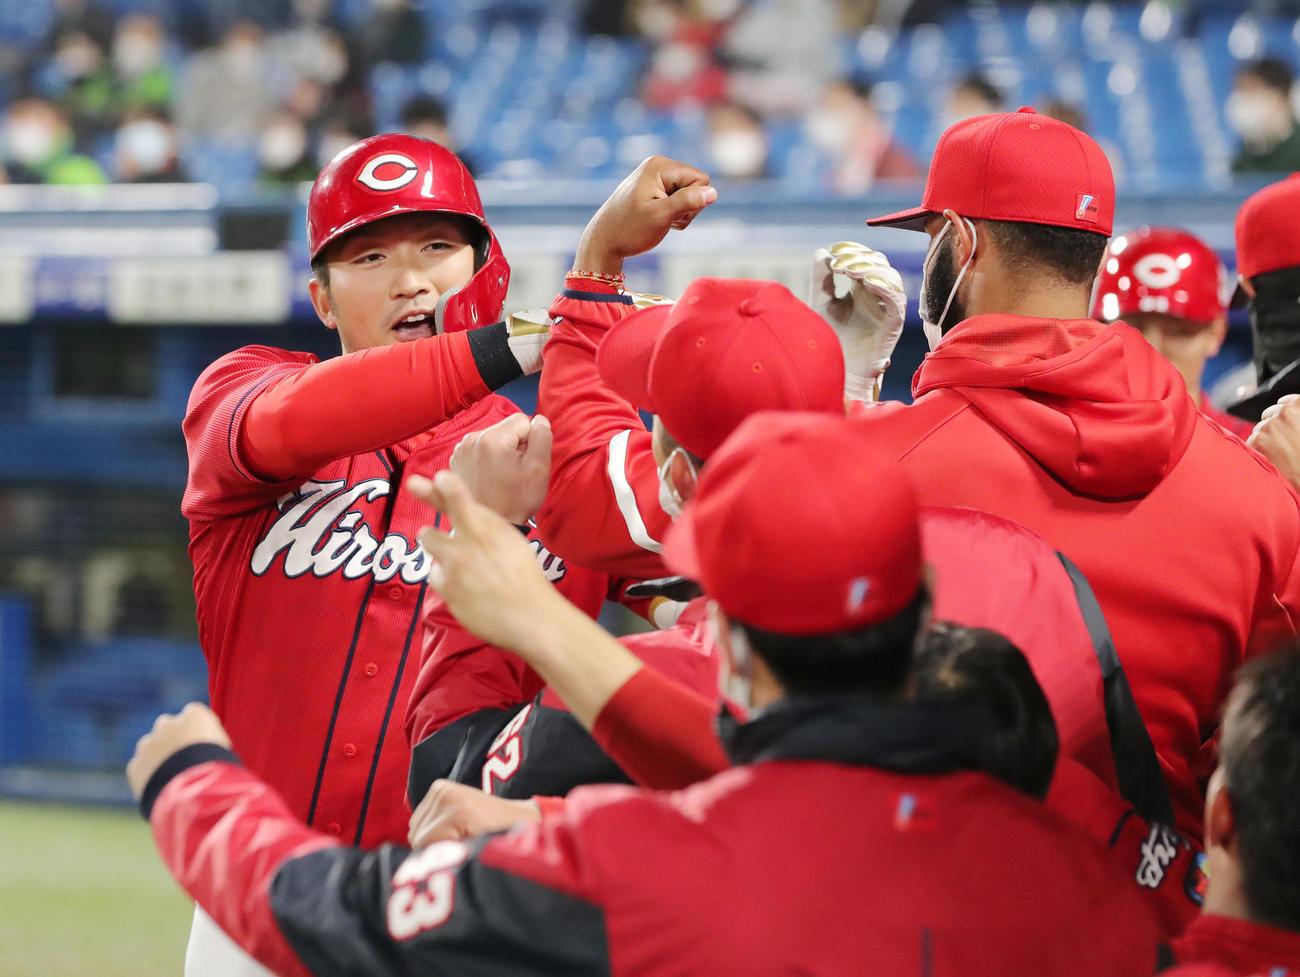 ヤクルト対広島 9回表広島1死一塁、2点本塁打を放ちナインの出迎えを受ける鈴木誠(撮影・垰建太)